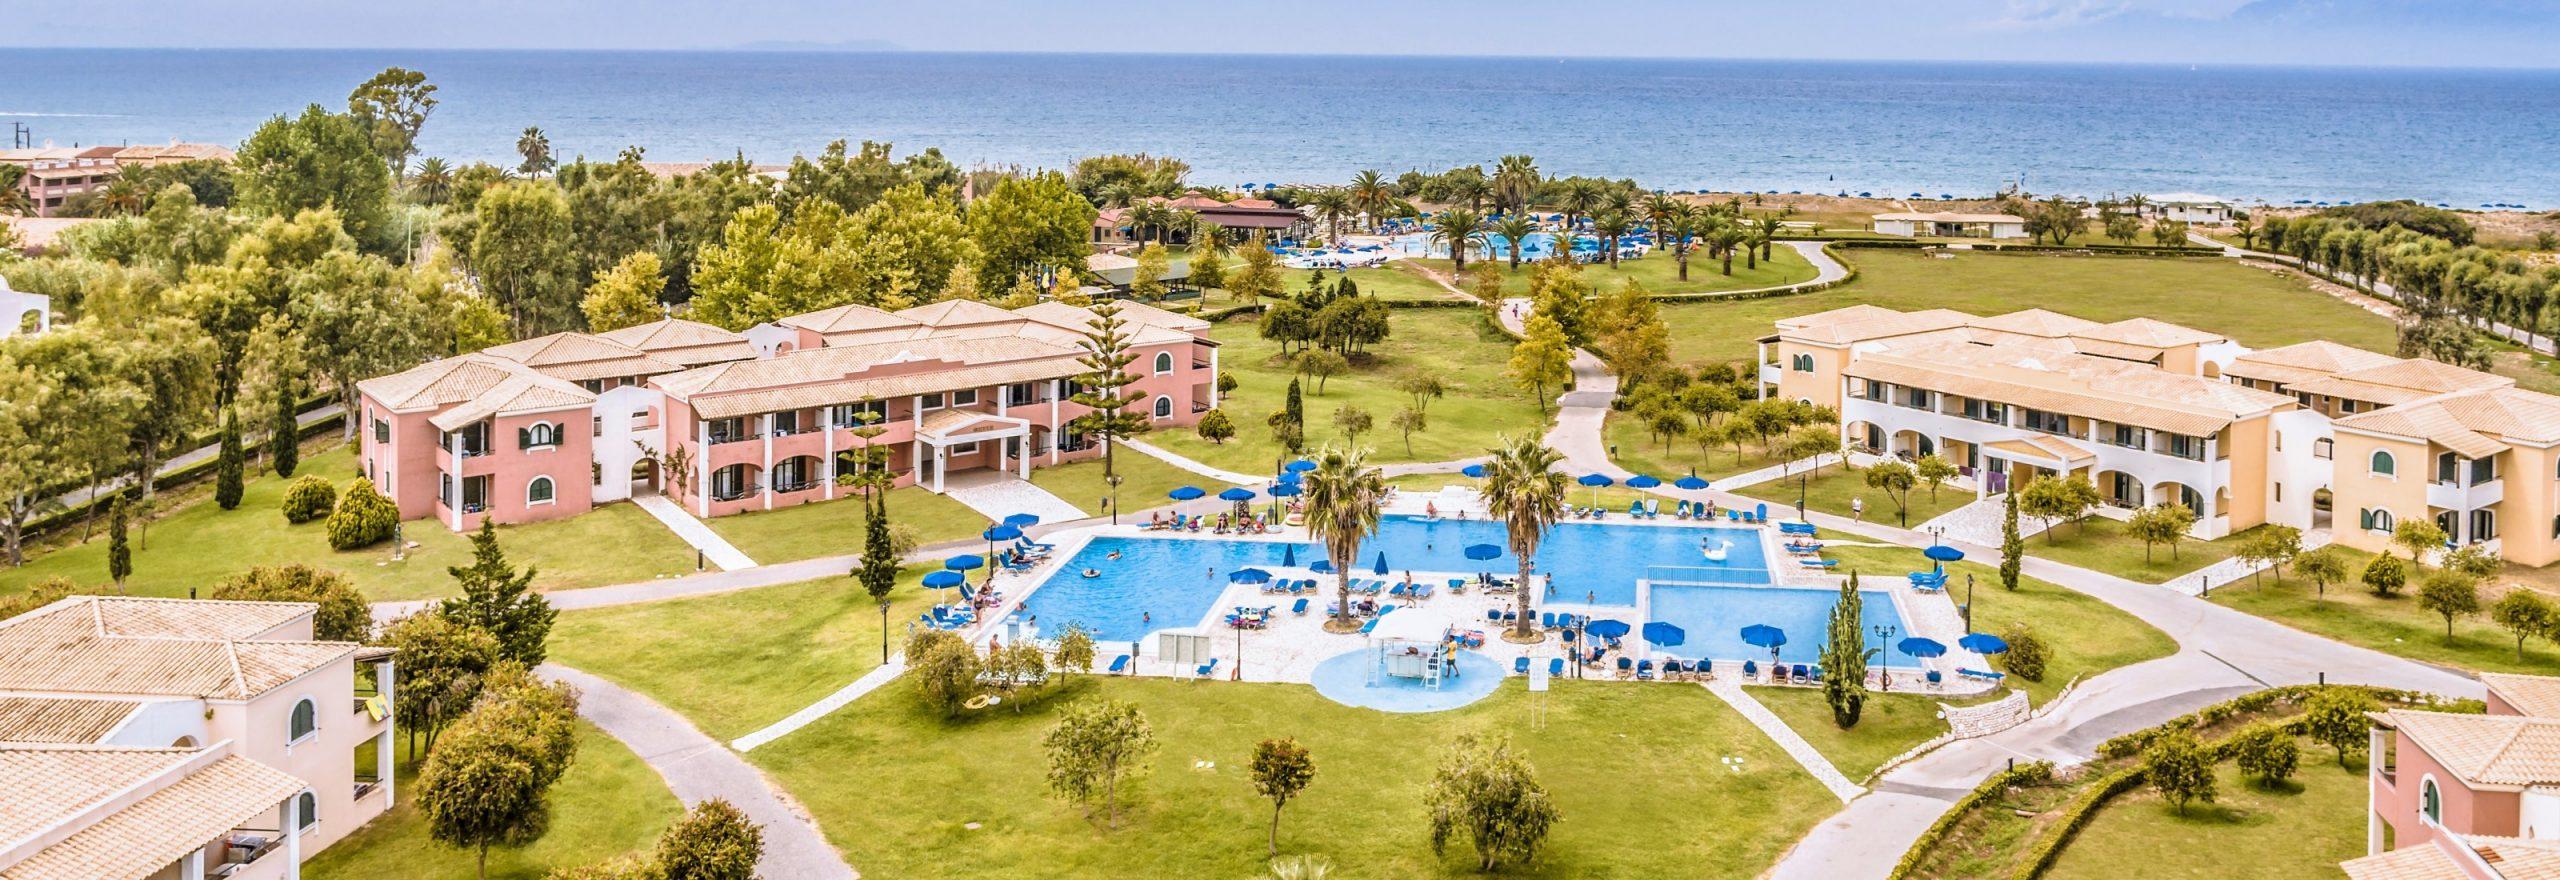 Hotel Gelina Village